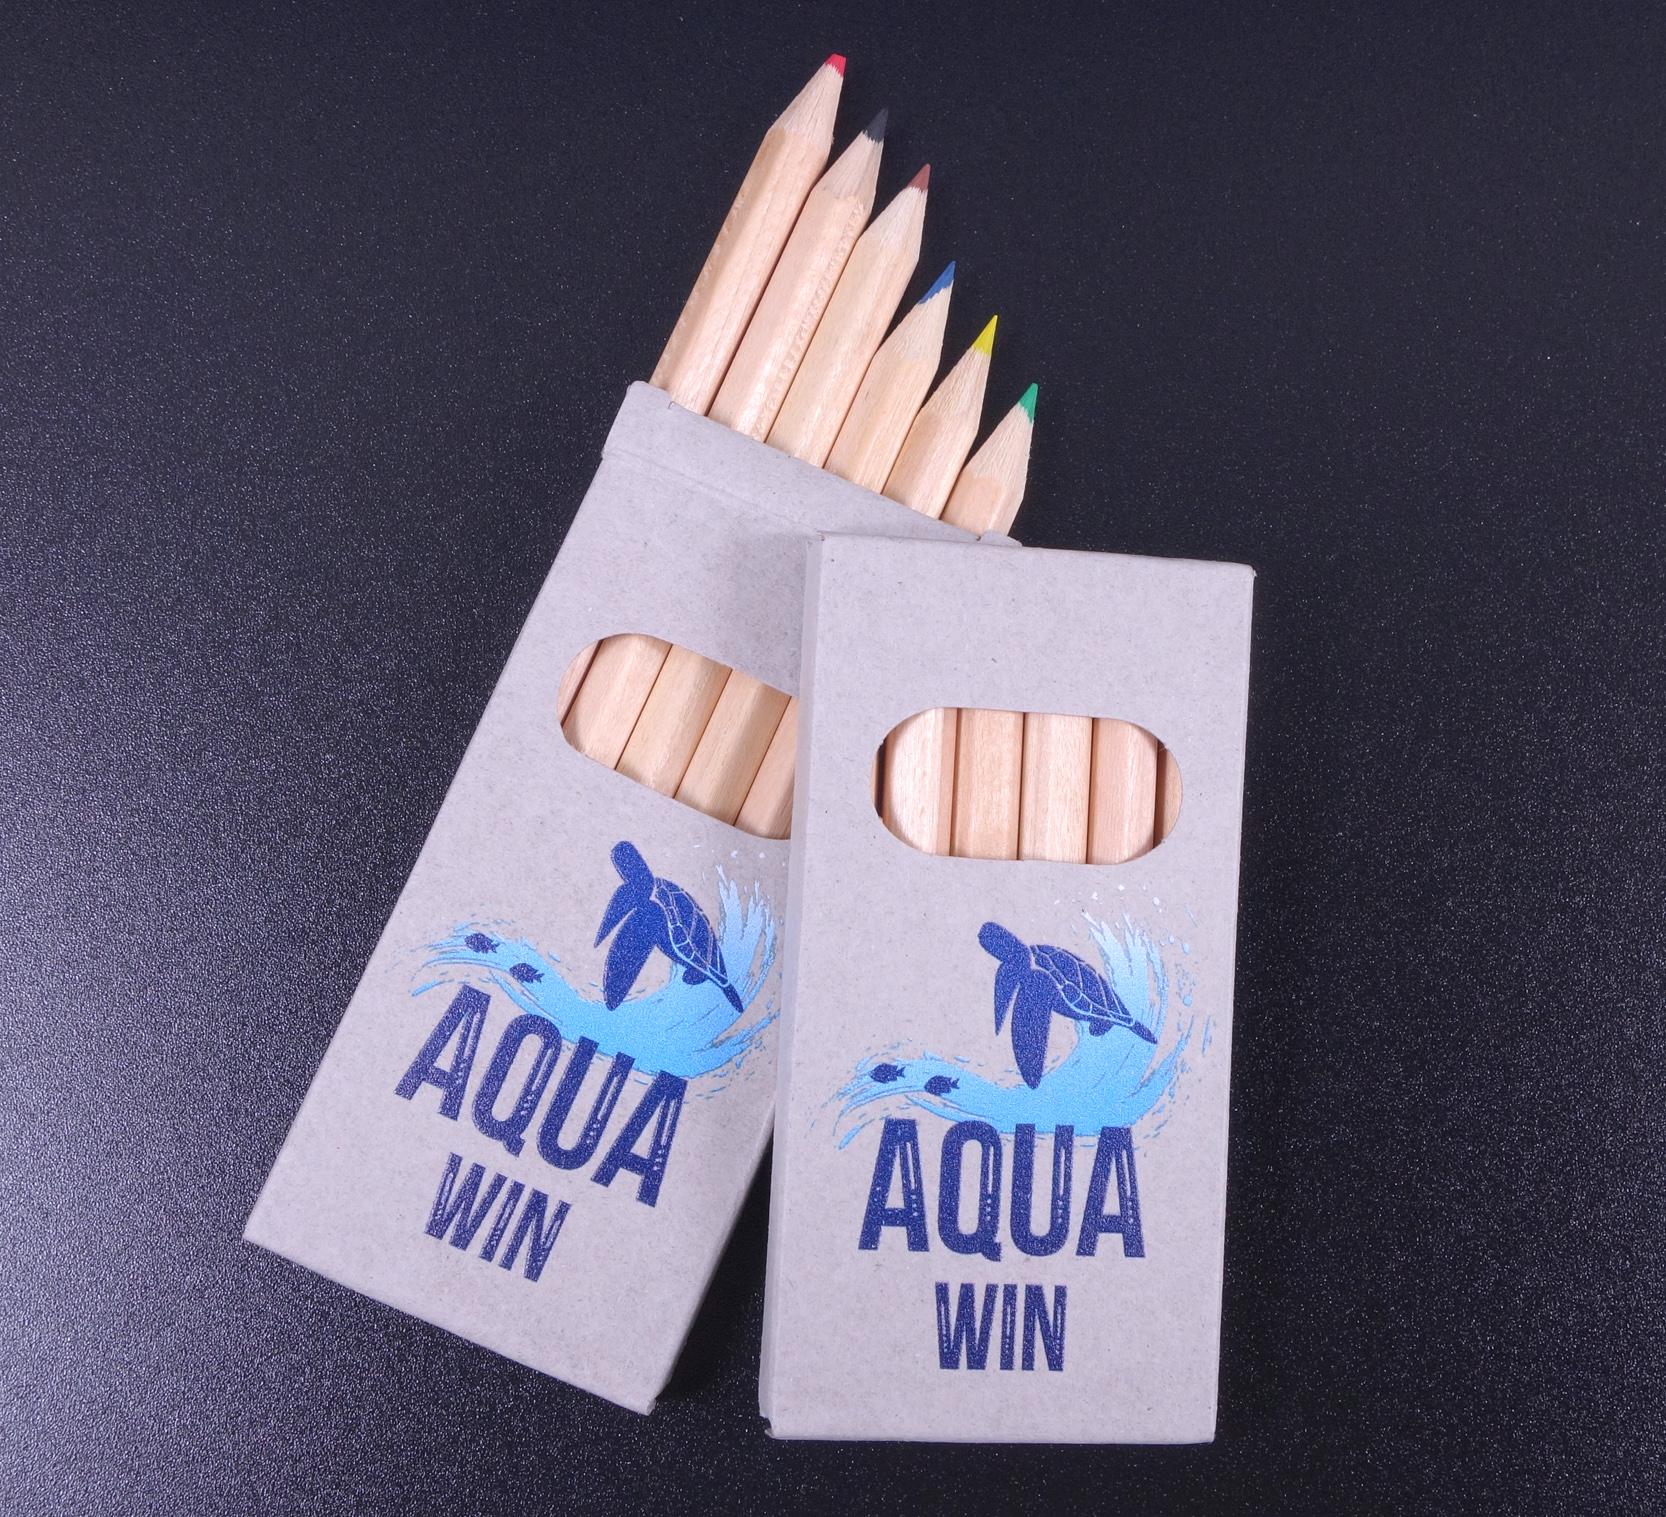 Farbstifte und Bleistifte als Werbeartikel Giveaway mit Druck